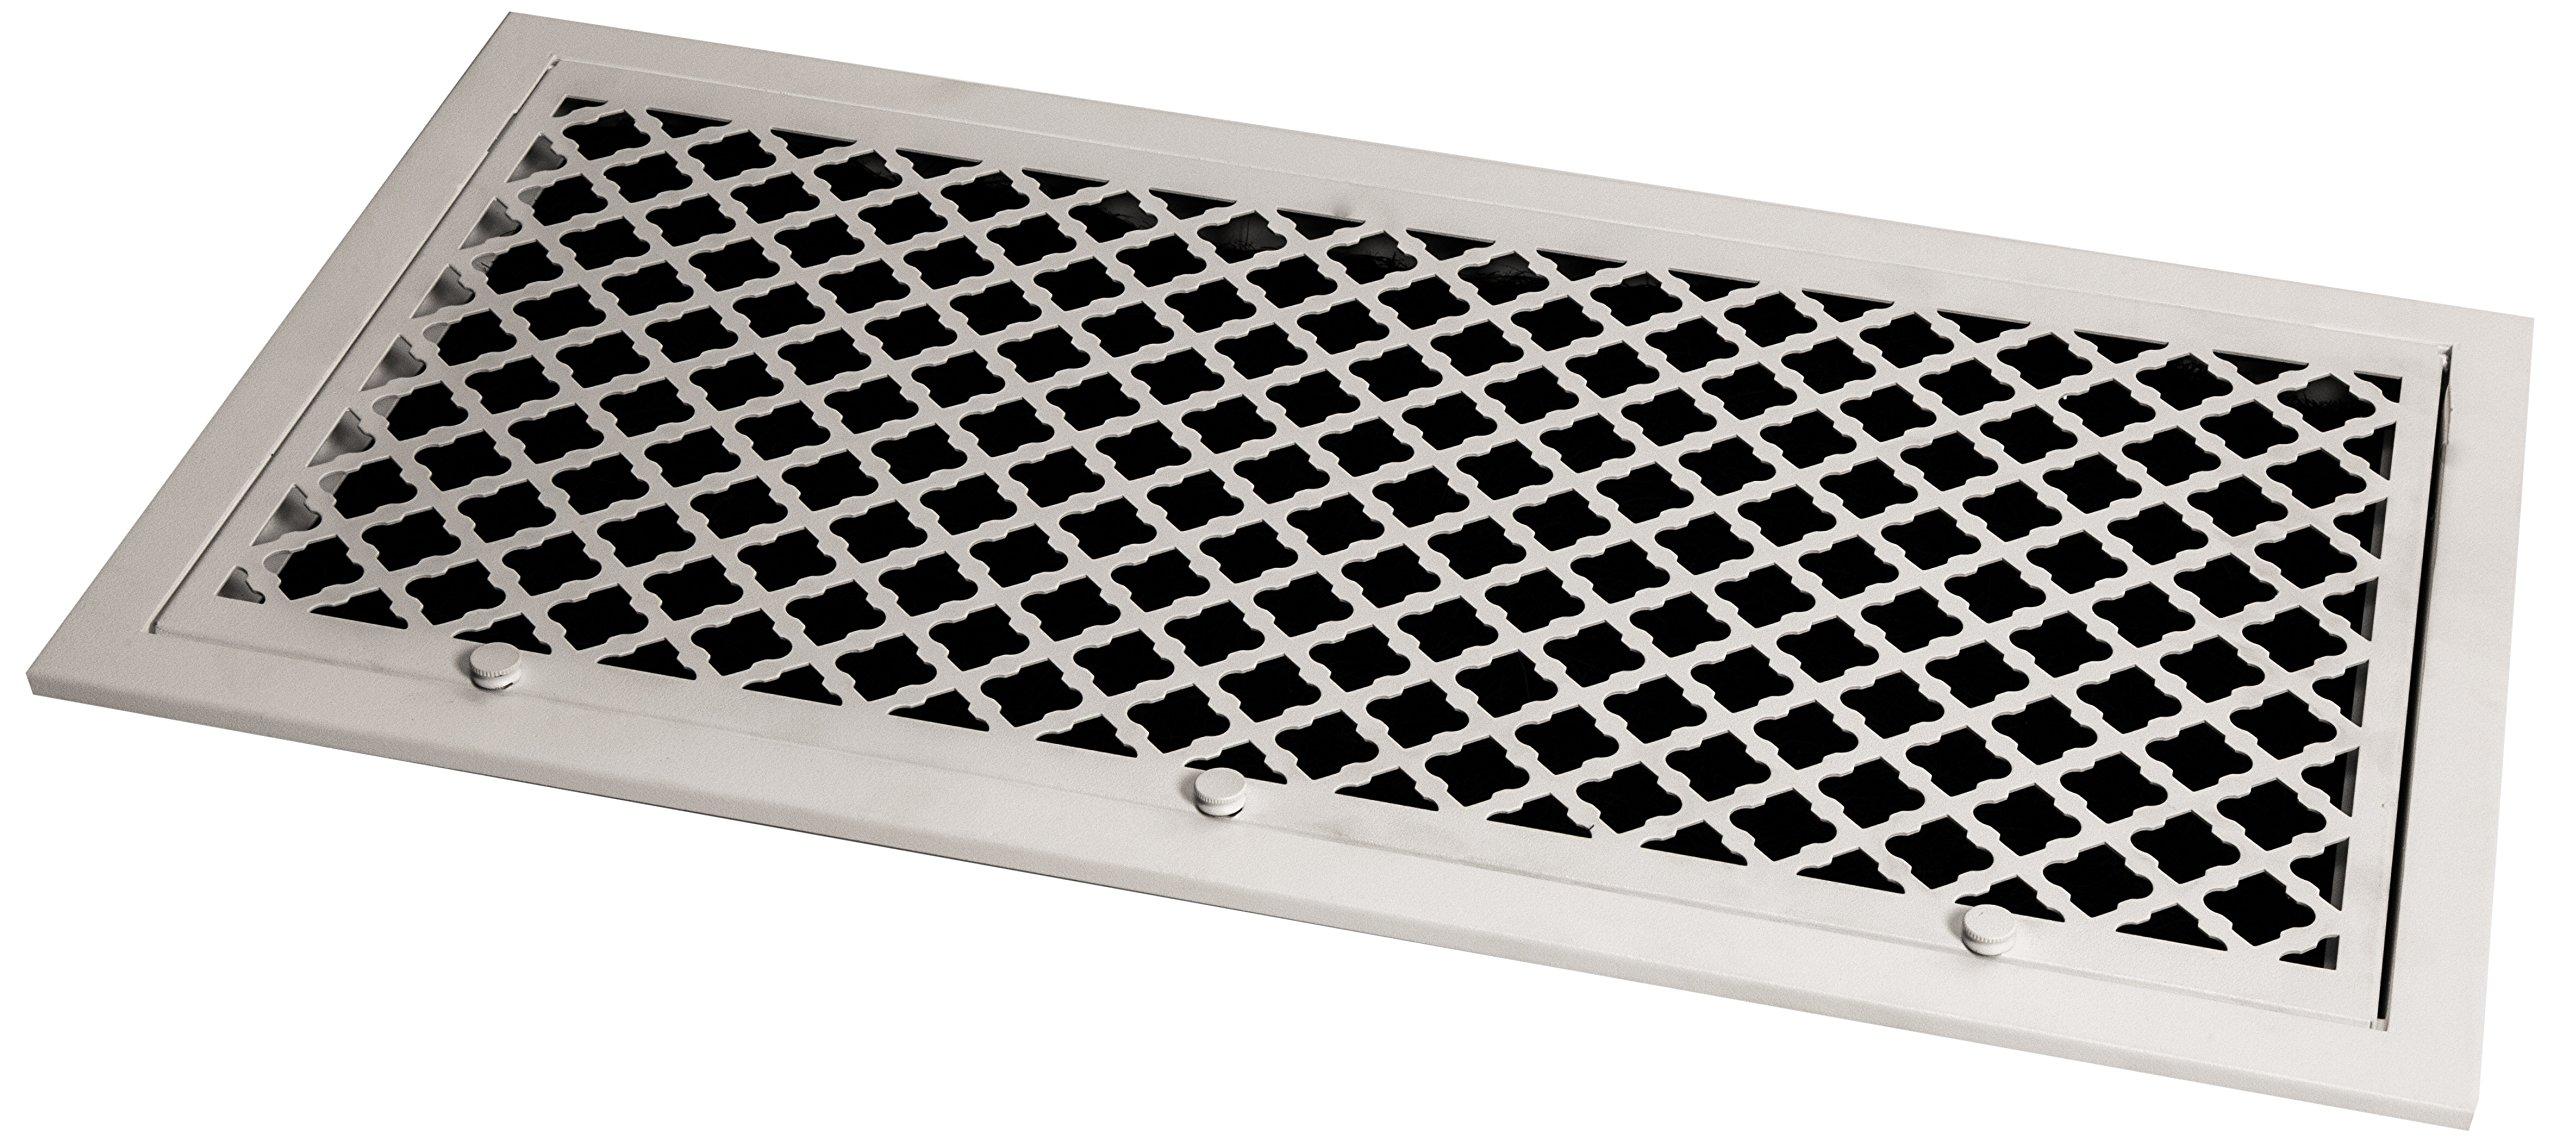 SteelCrest BTU24X12FFWH Bronze Series Designer Filter Return Vent with Hinged Door, White